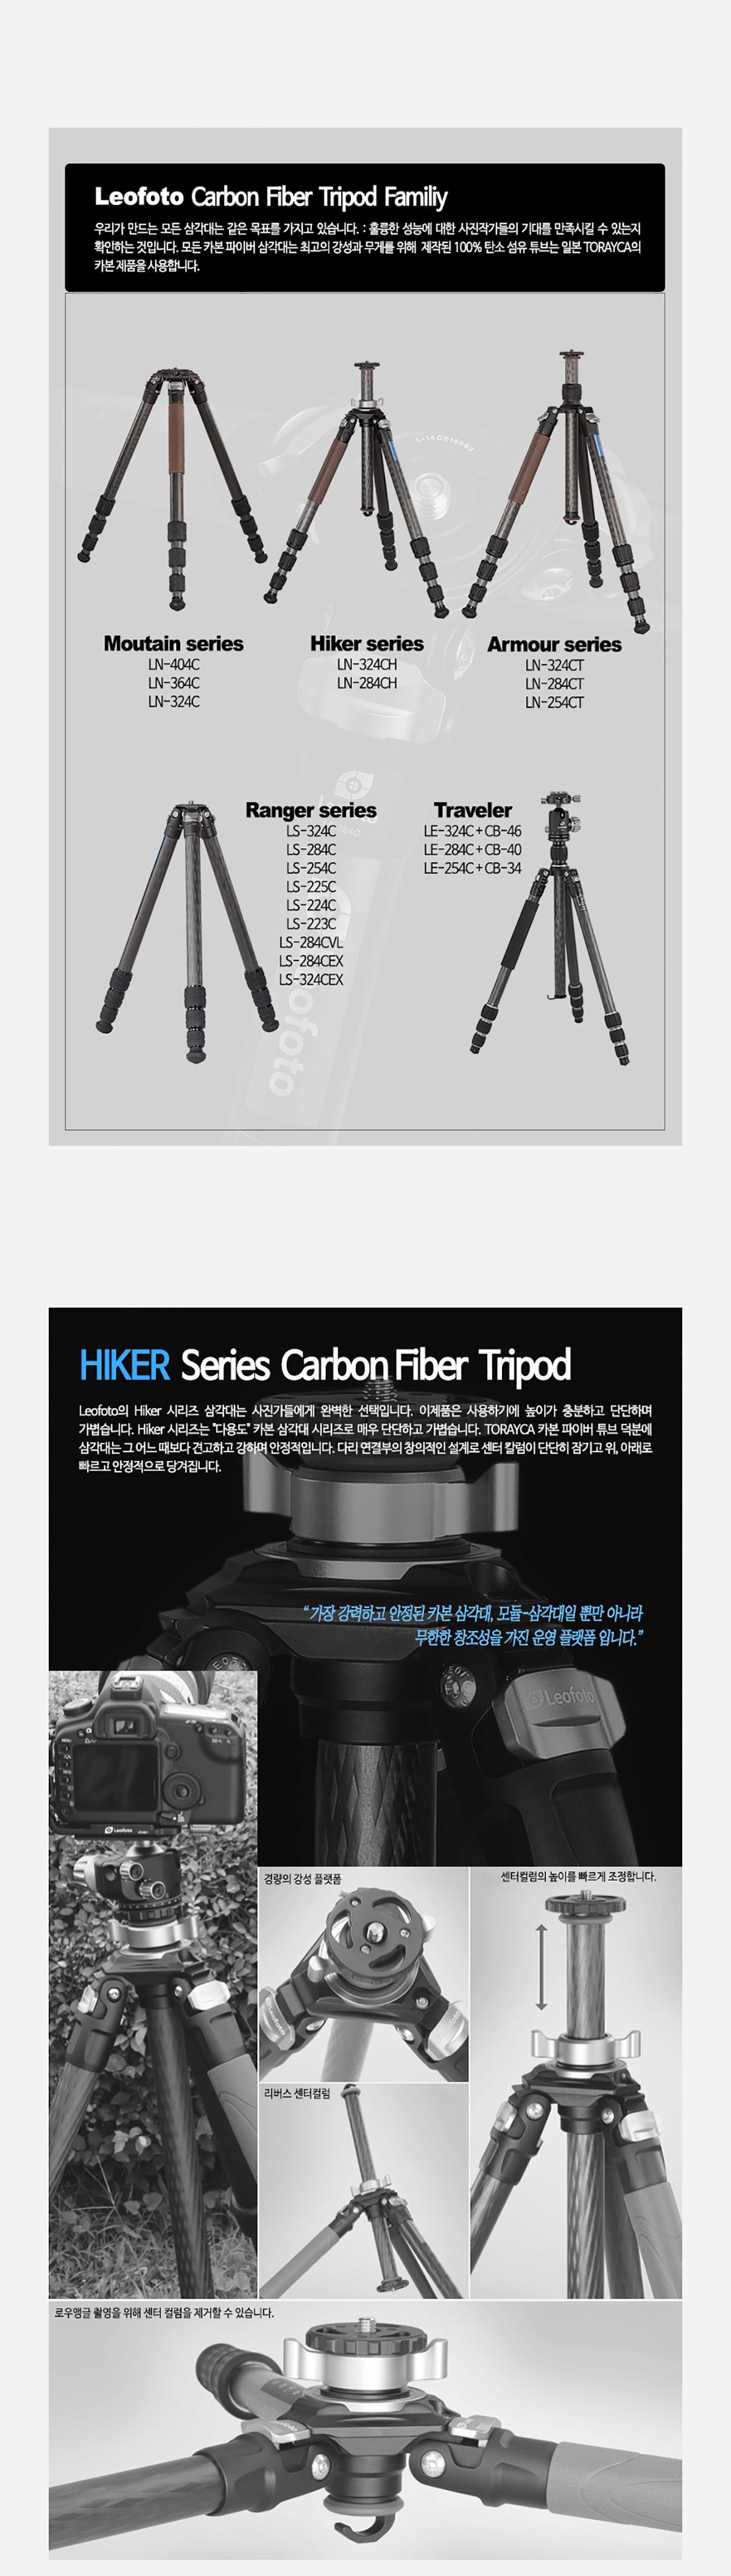 Hiker_series_02.jpg